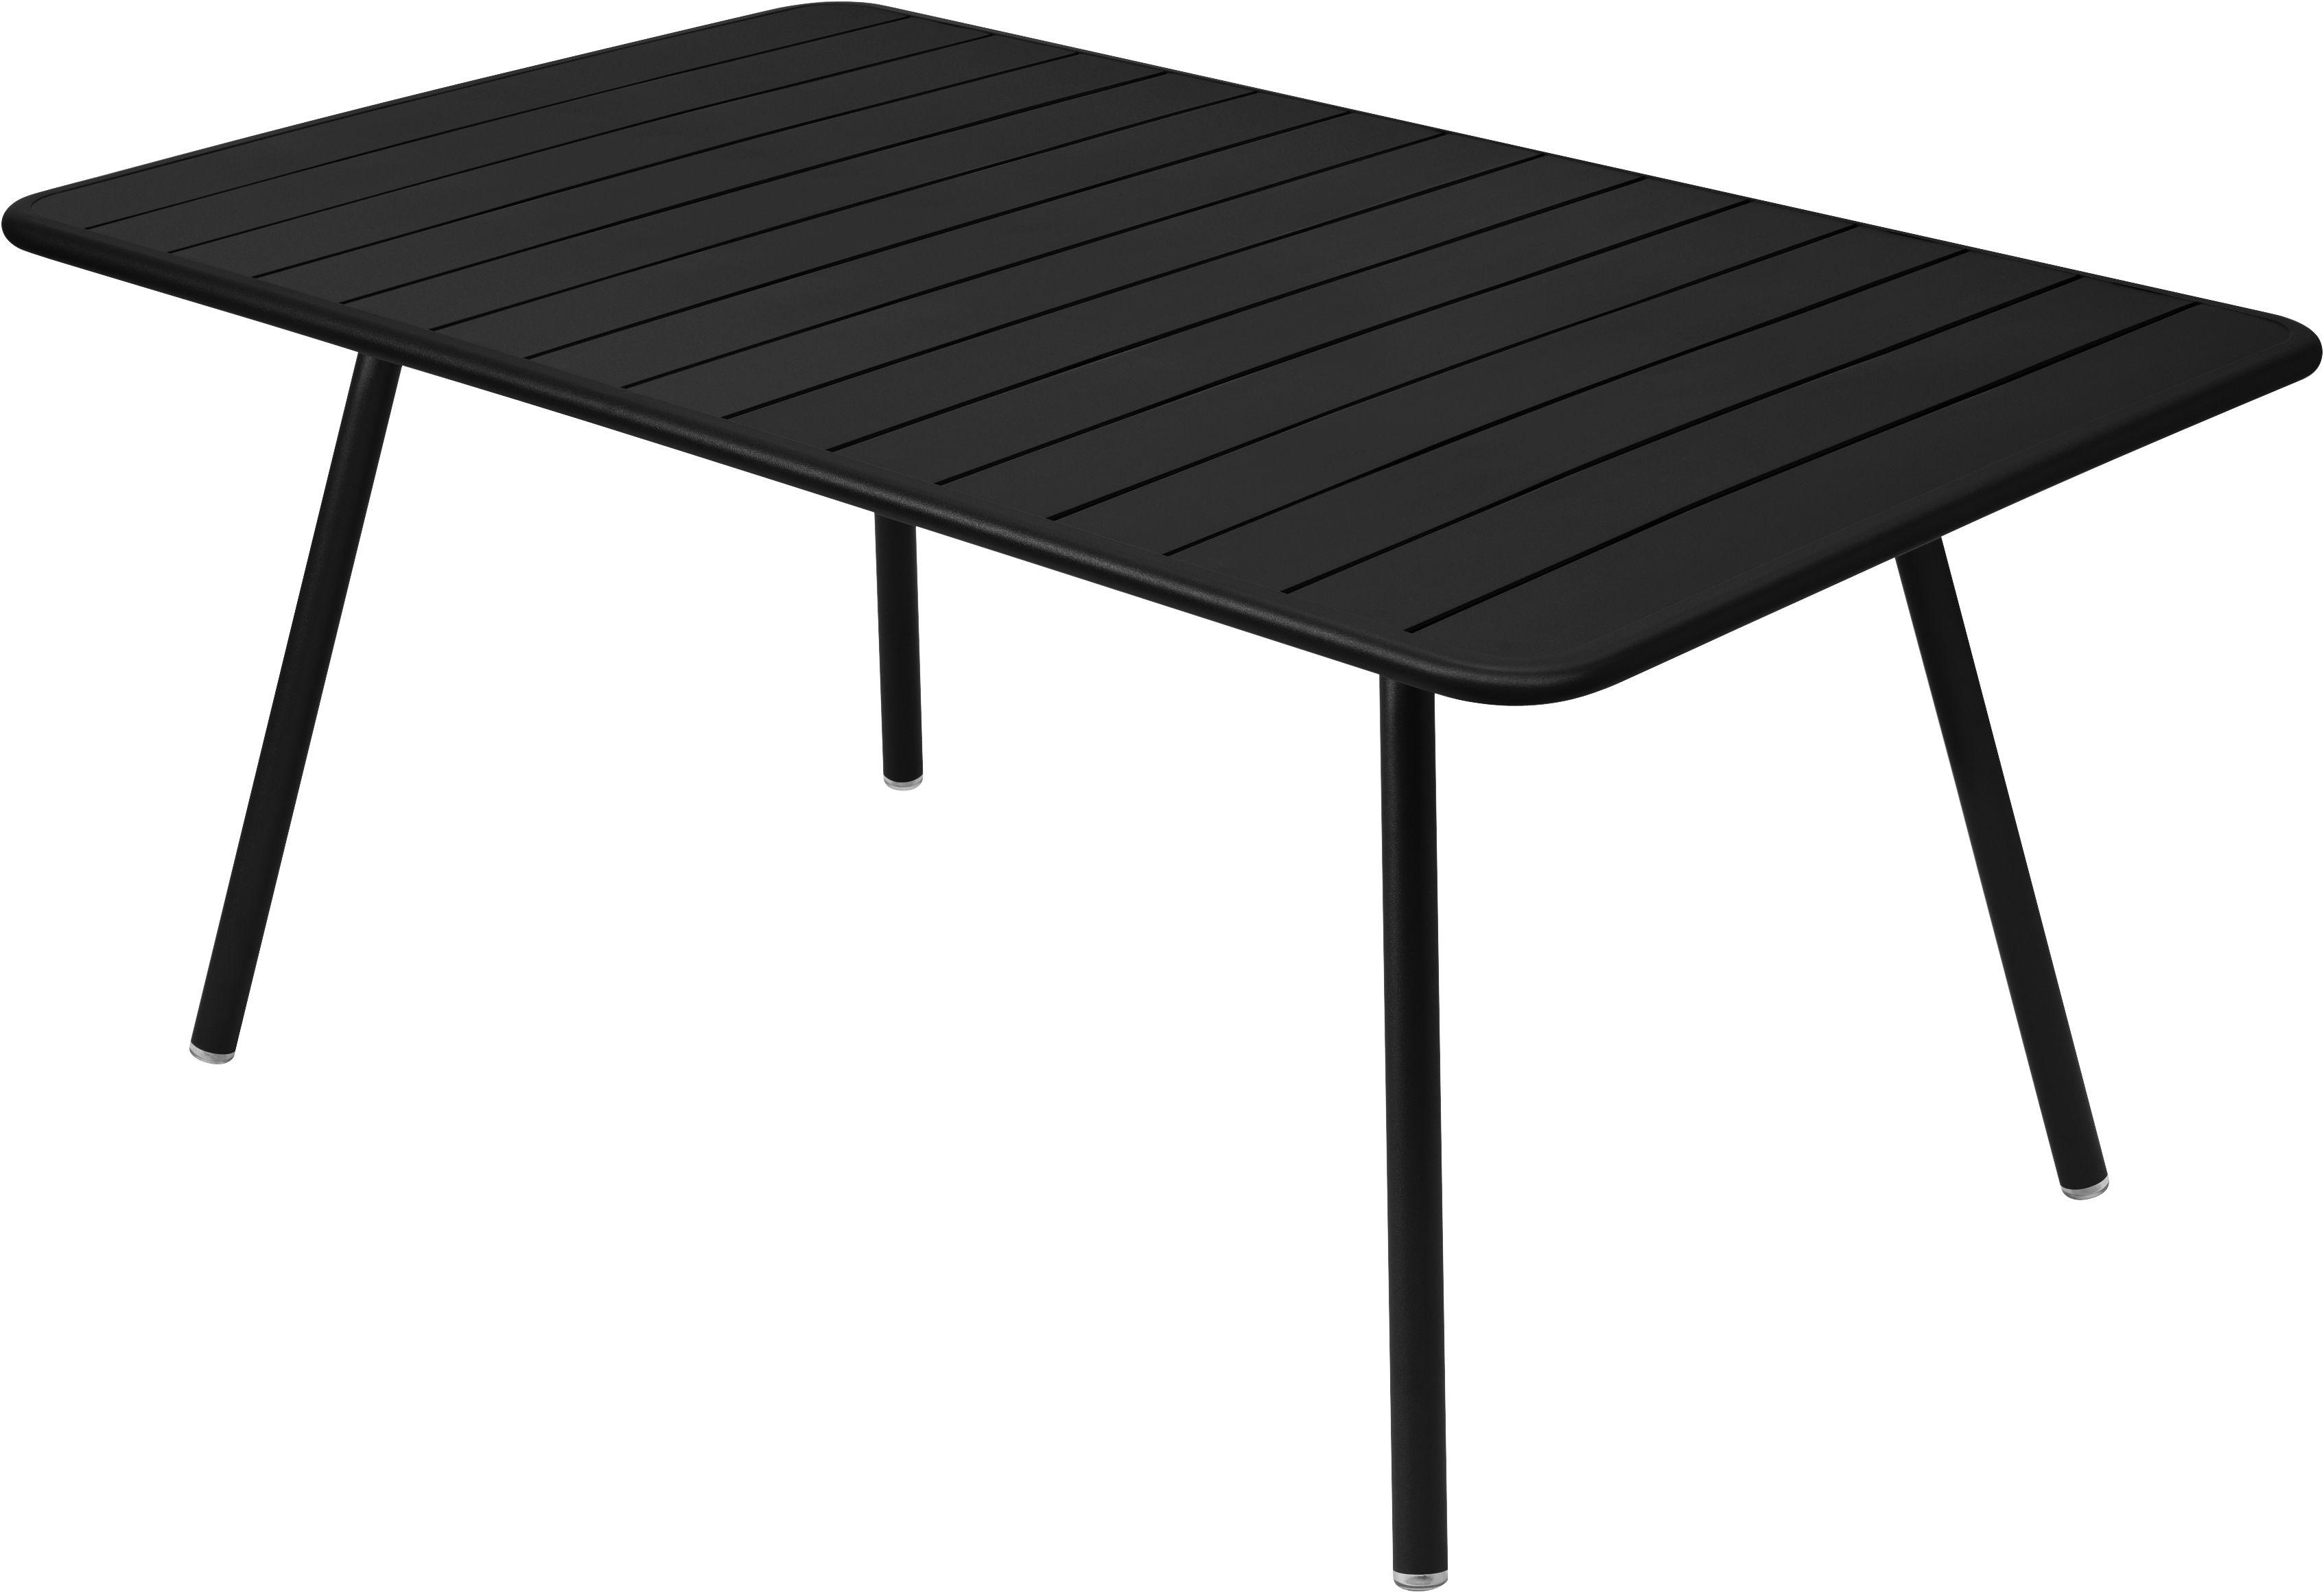 Outdoor - Tables de jardin - Table rectangulaire Luxembourg / 6 à 8 personnes - 165 x 100 cm - Fermob - Réglisse - Aluminium laqué